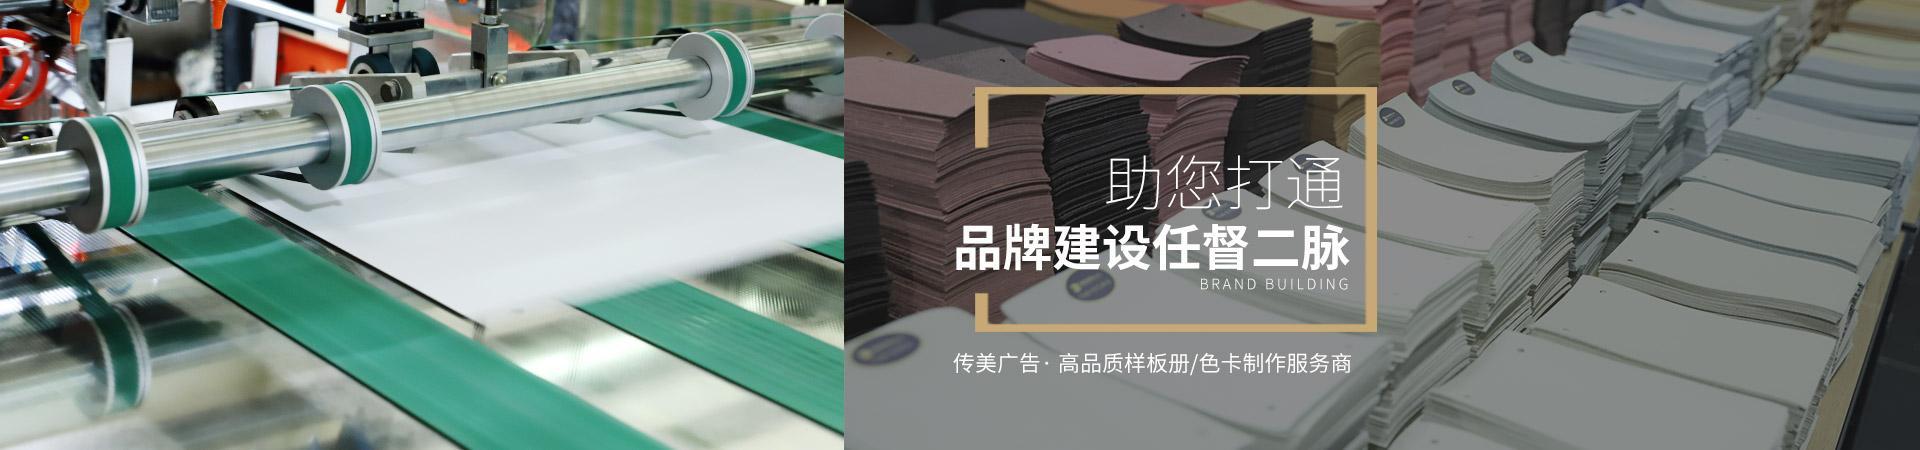 赢咖2代理-高品质样板册/色卡制作服务商